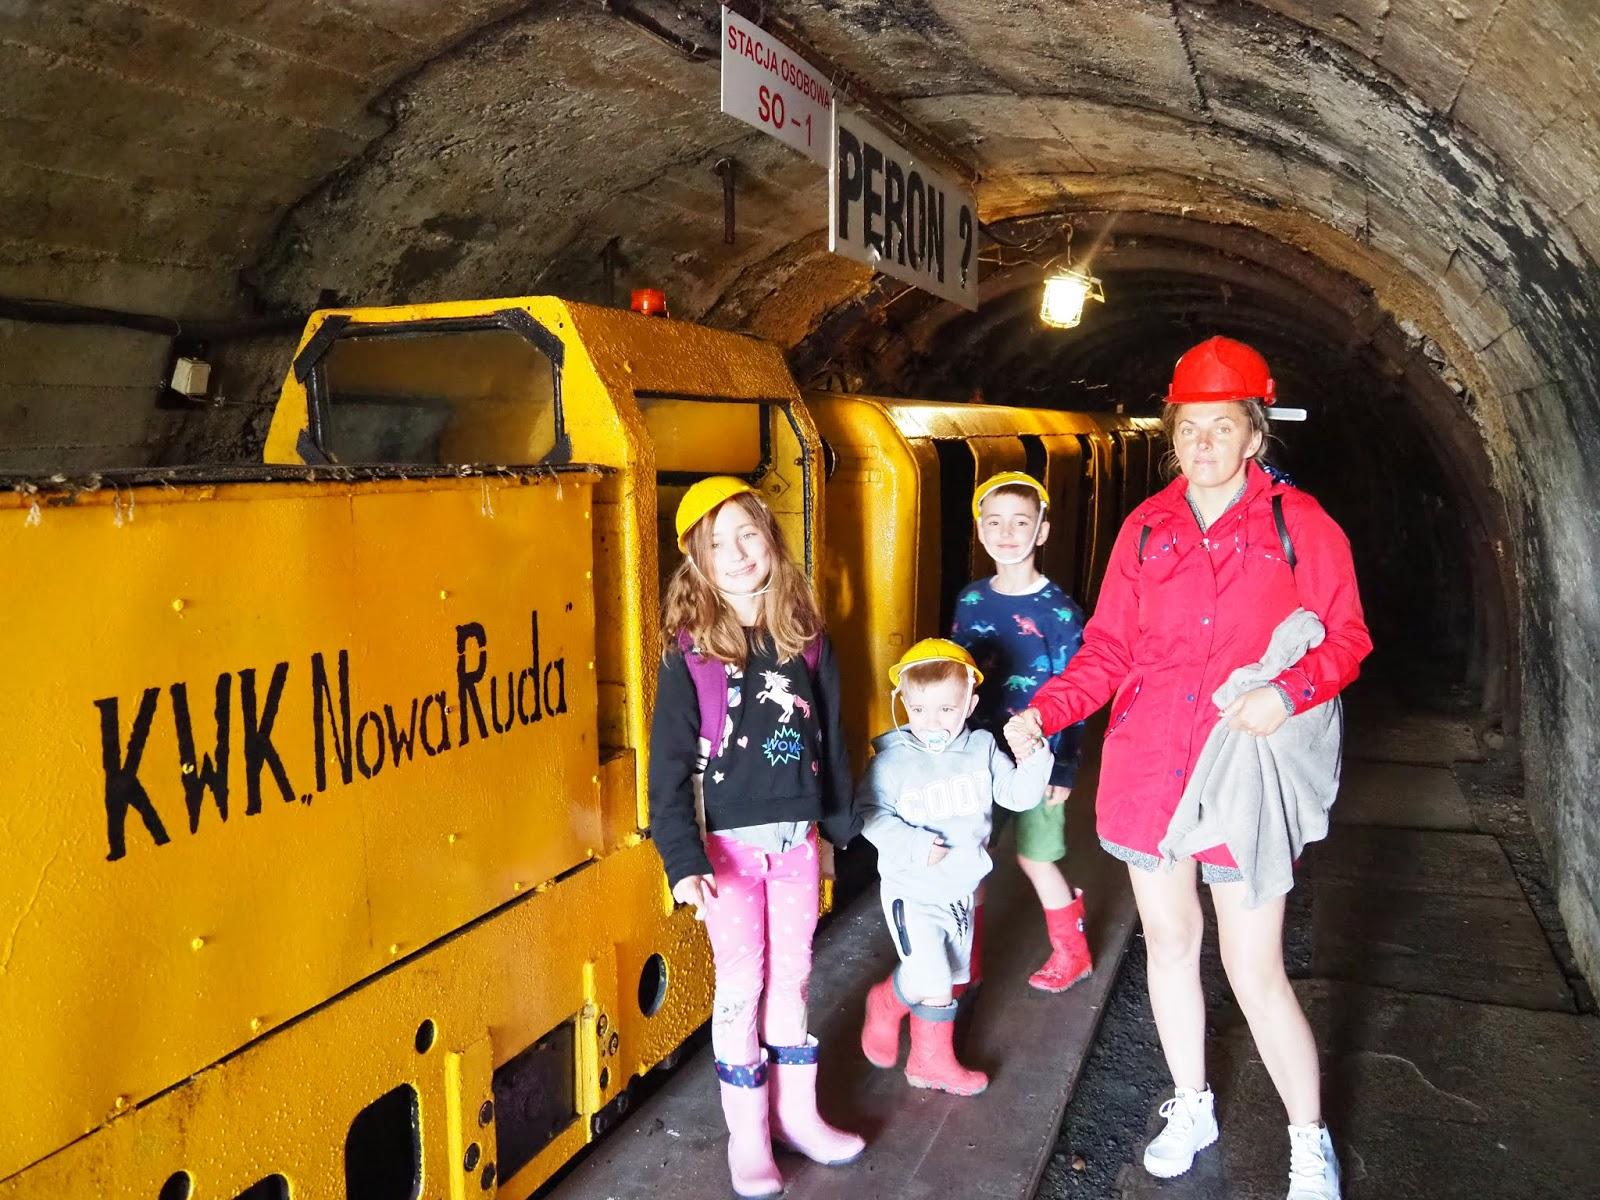 Podziemna trasa kopalnia węgla nowa ruda